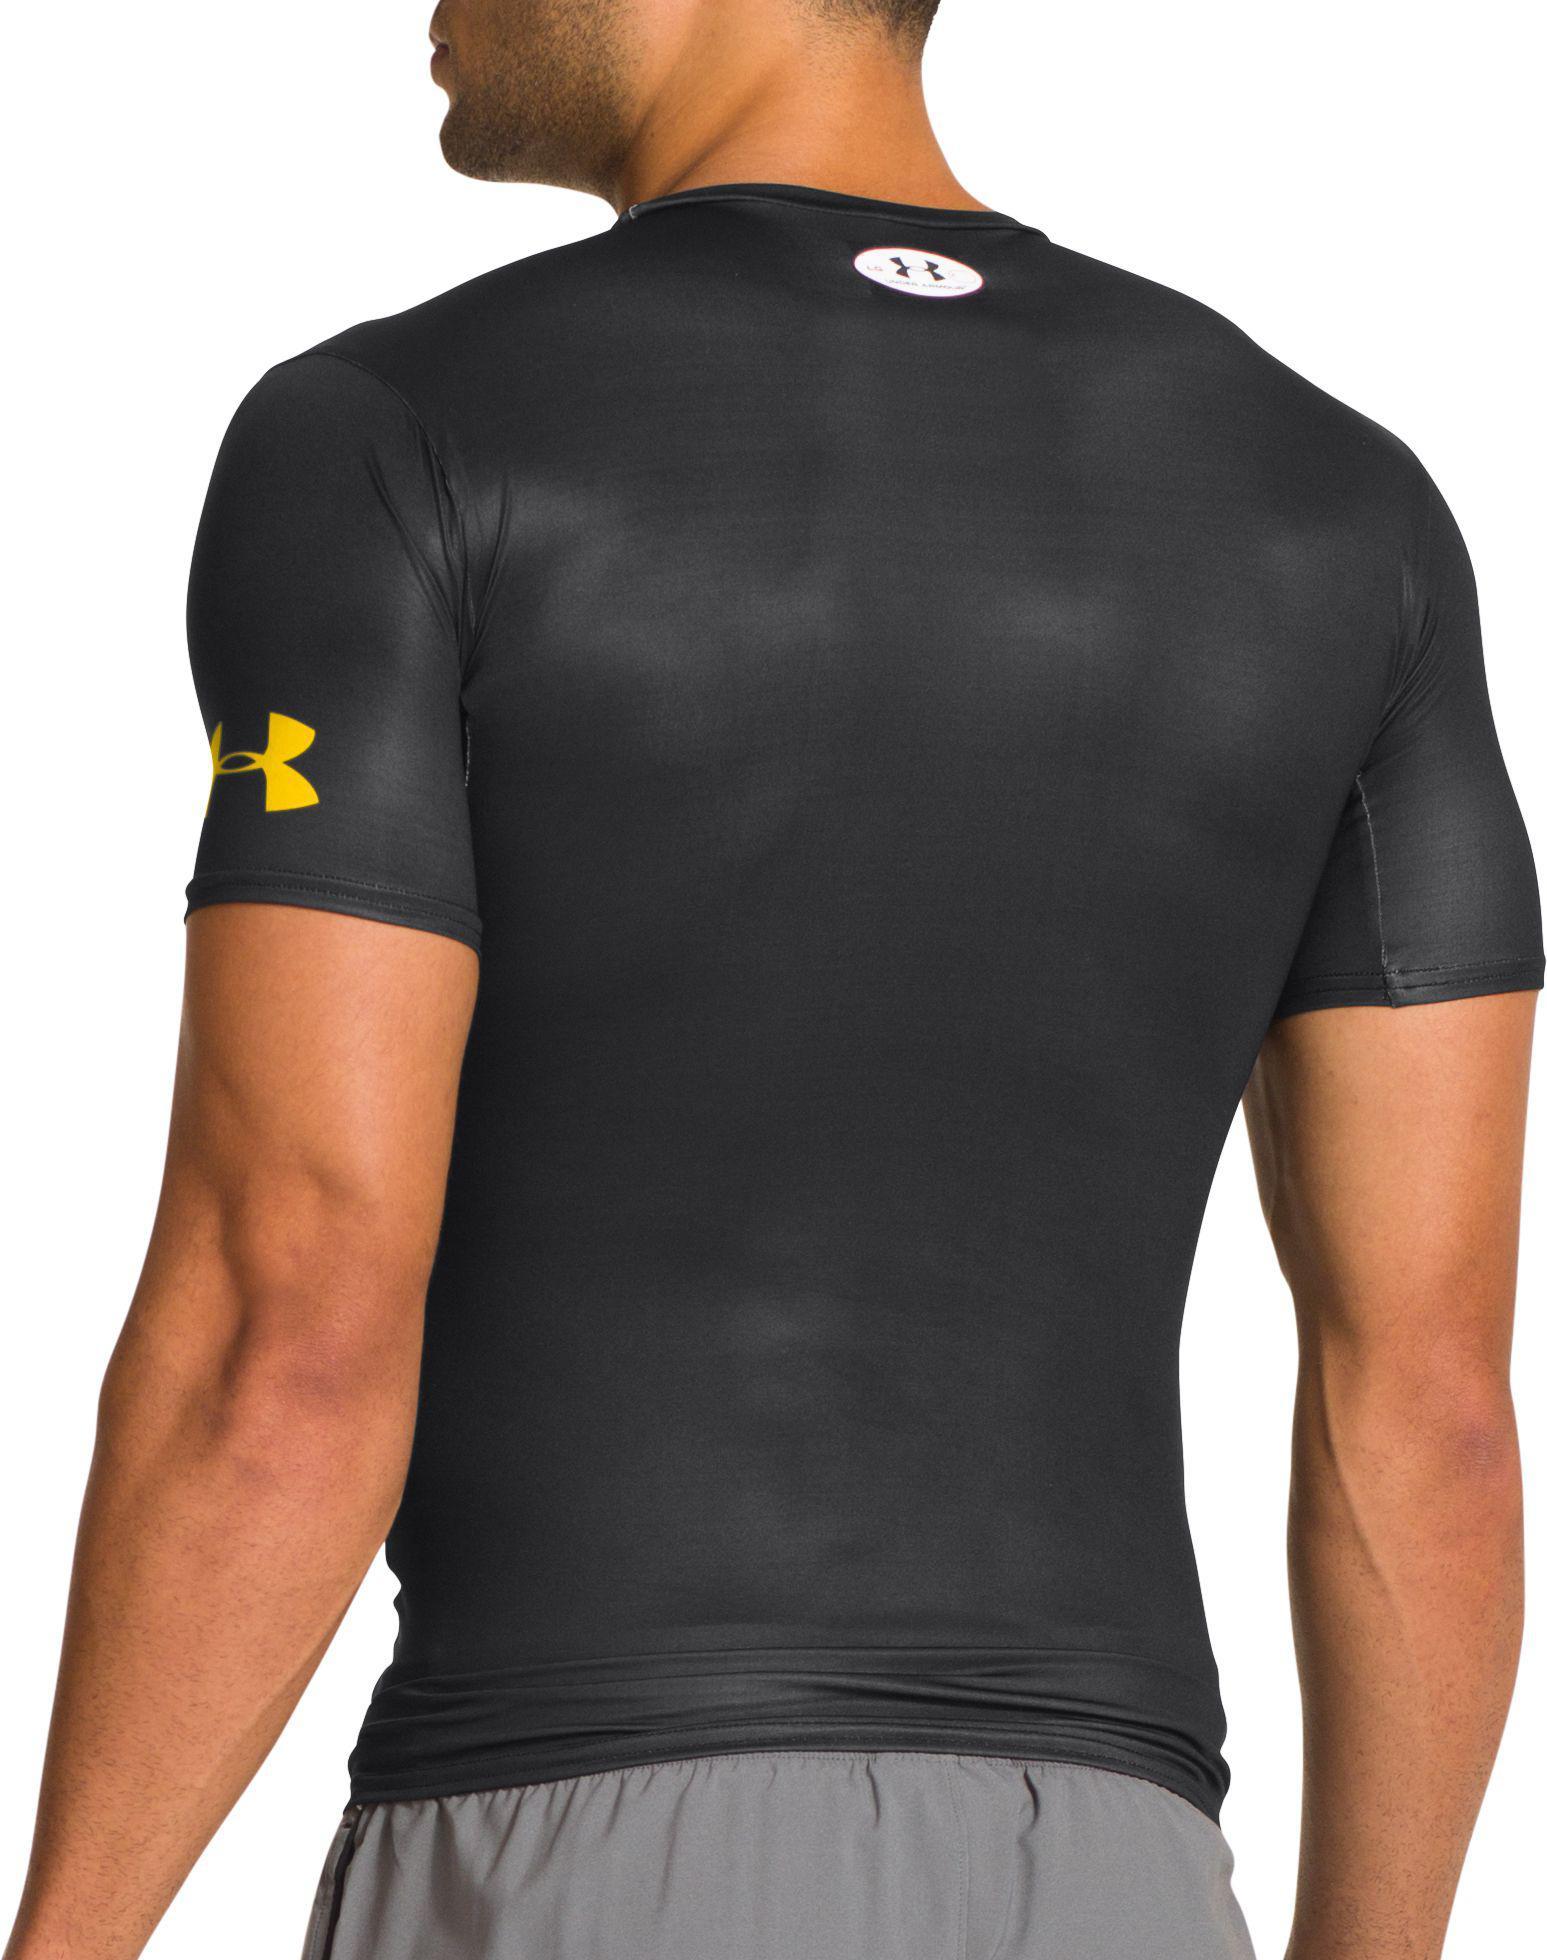 Adidas Sereno 11 TRG JSY Trainings Trikot Funktions-Shirt Climalite L Neu Ovp.